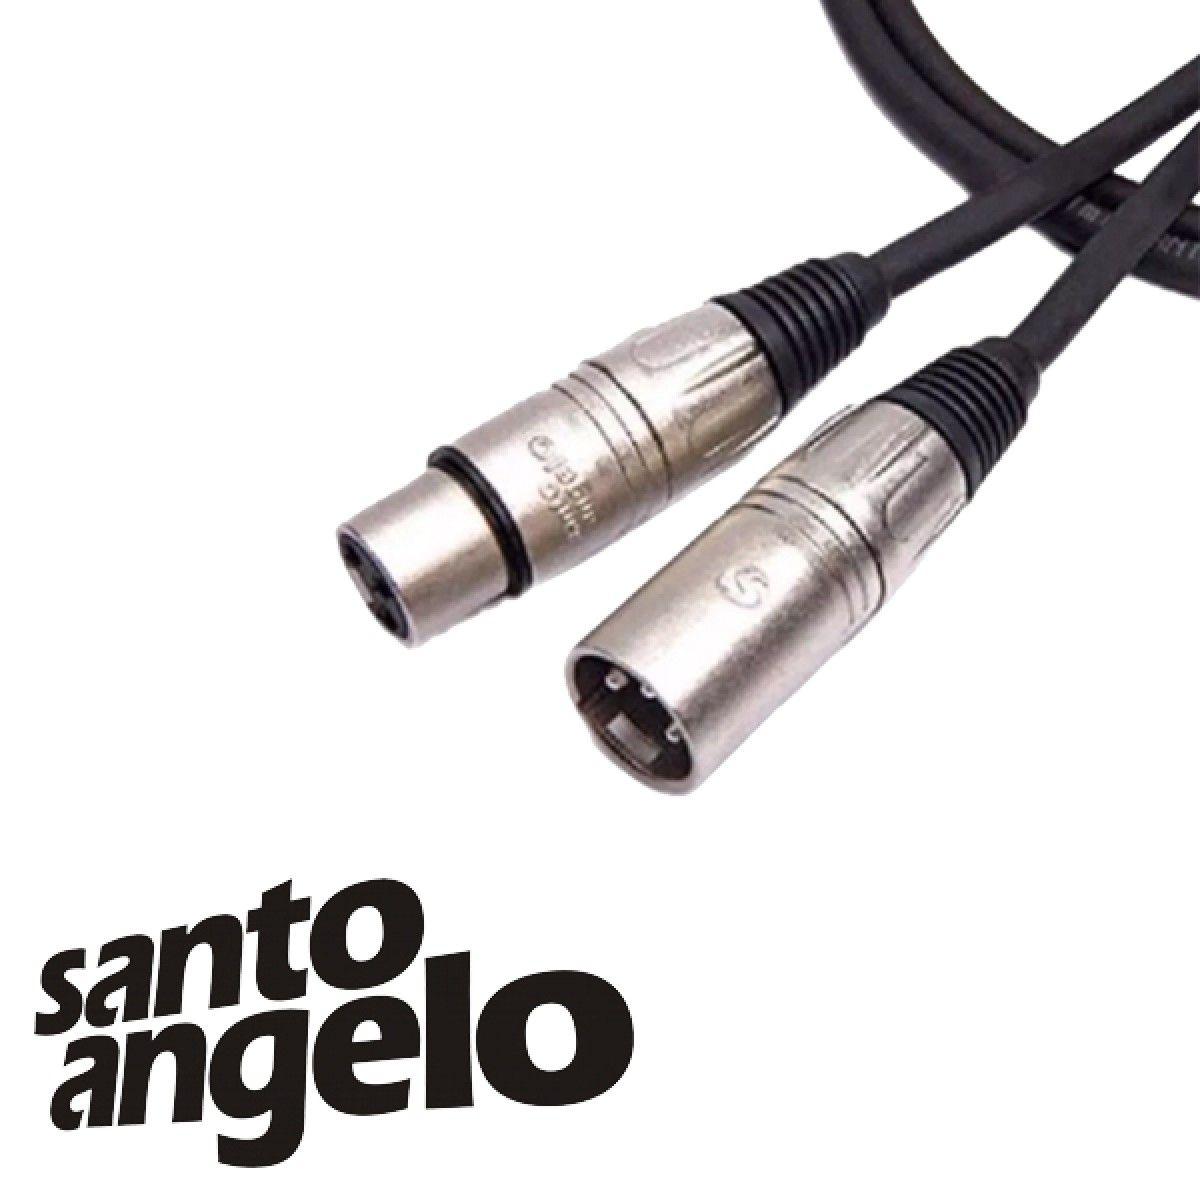 Cabo de Microfone Santo Angelo Canon Balanceado Xlr + Xlr 7 Metros (Montado)  - RS Som e Luz!